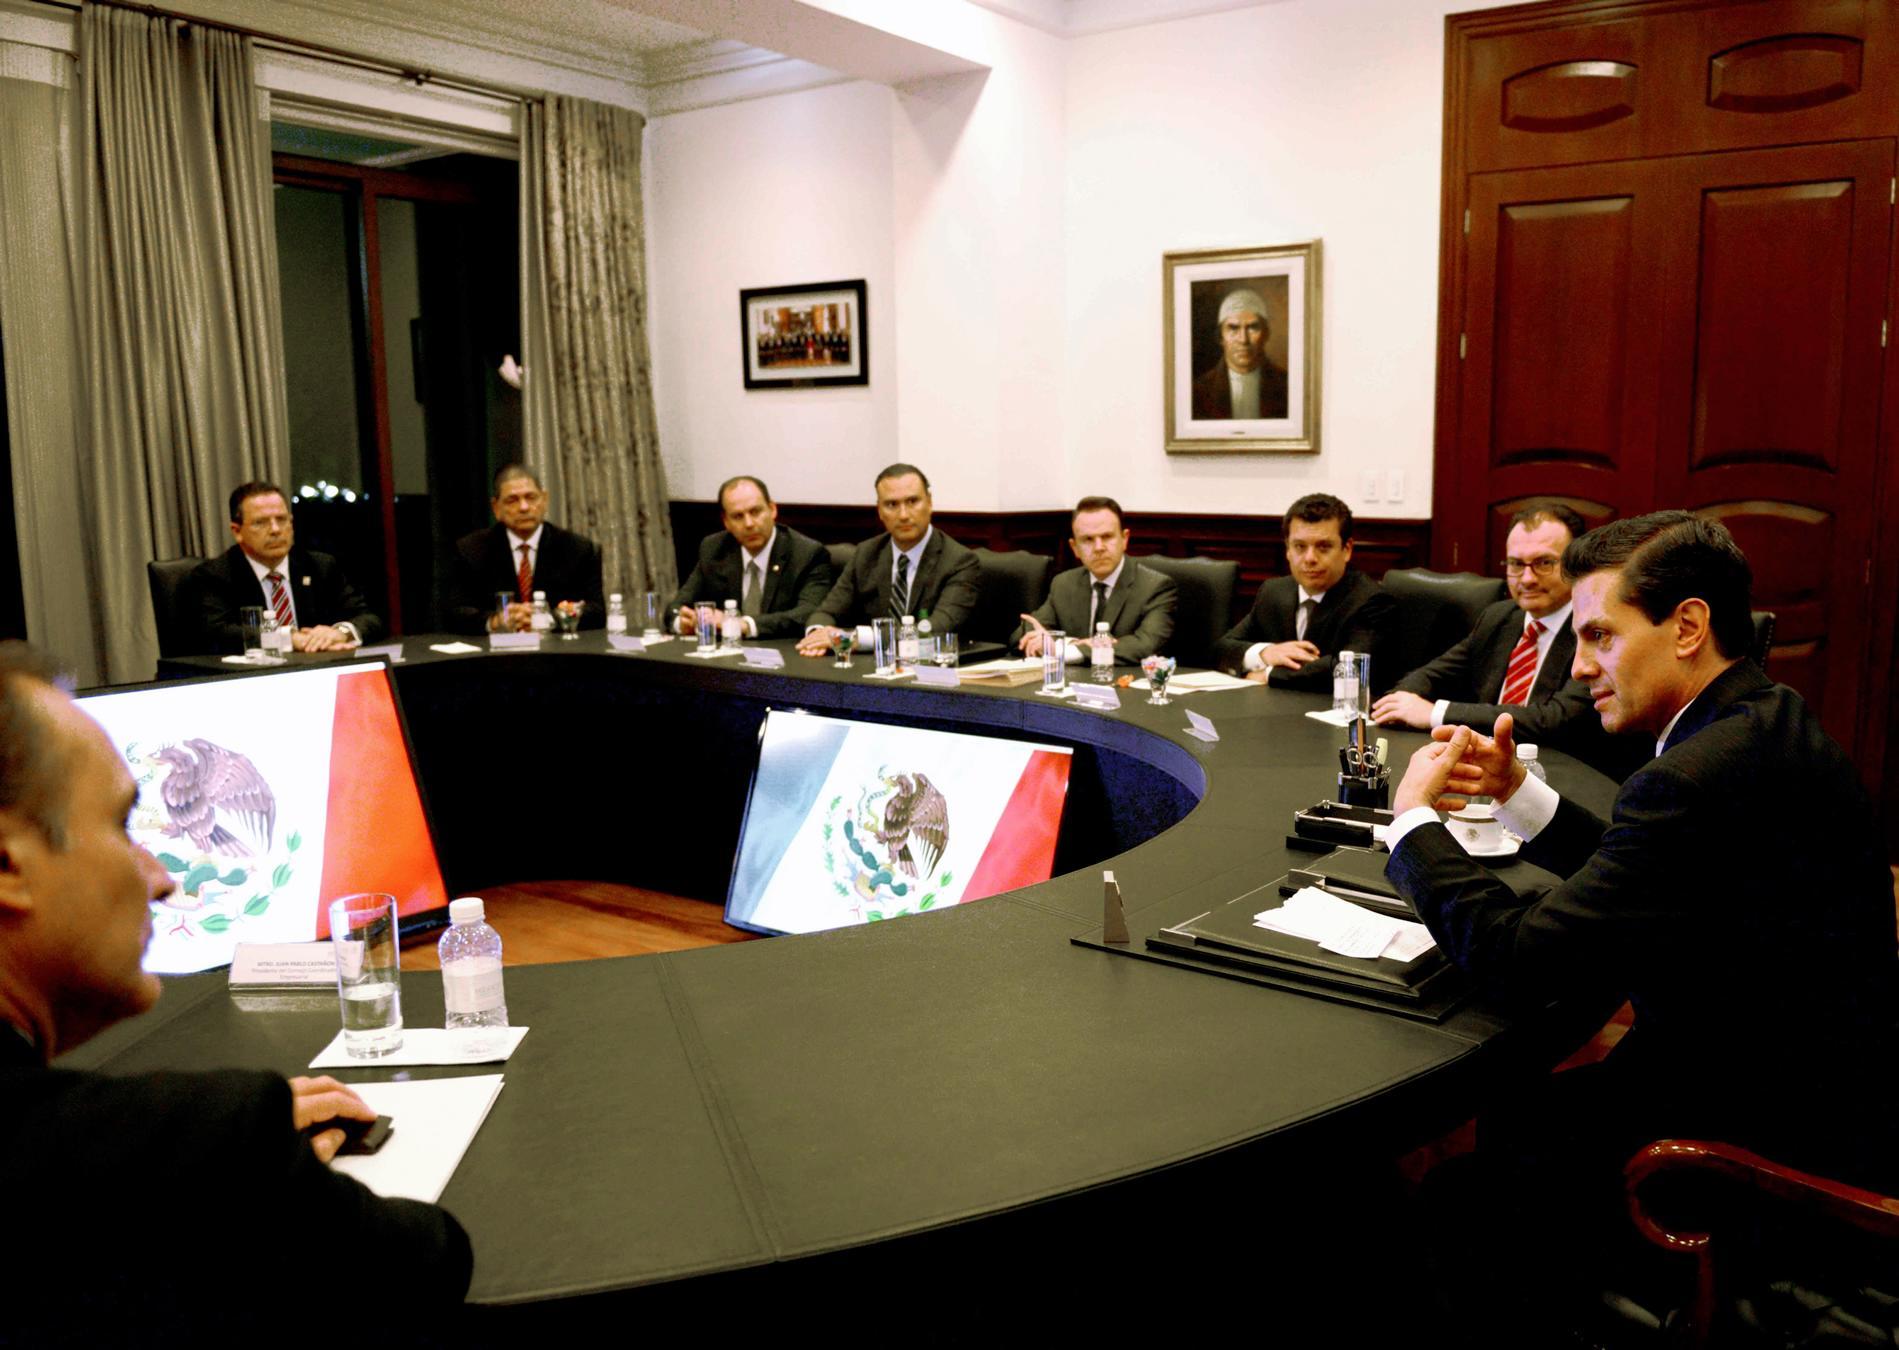 El Primer Mandatario se reunió con el CCE con el propósito de dialogar sobre el Sistema Nacional Anticorrupción y el gran avance estructural que esto significa.